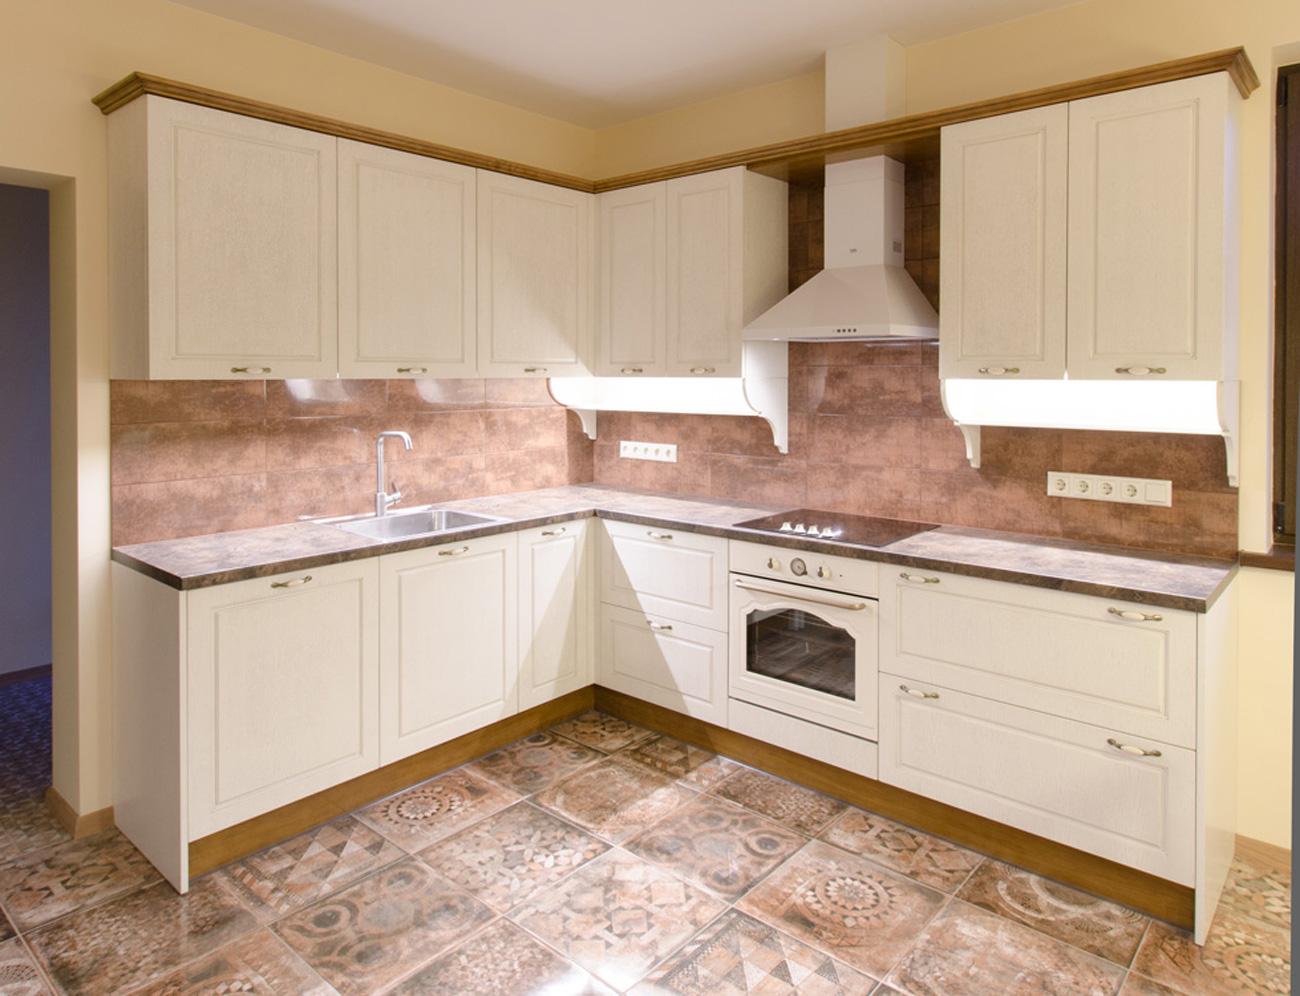 kitchen_provance_design_ideas